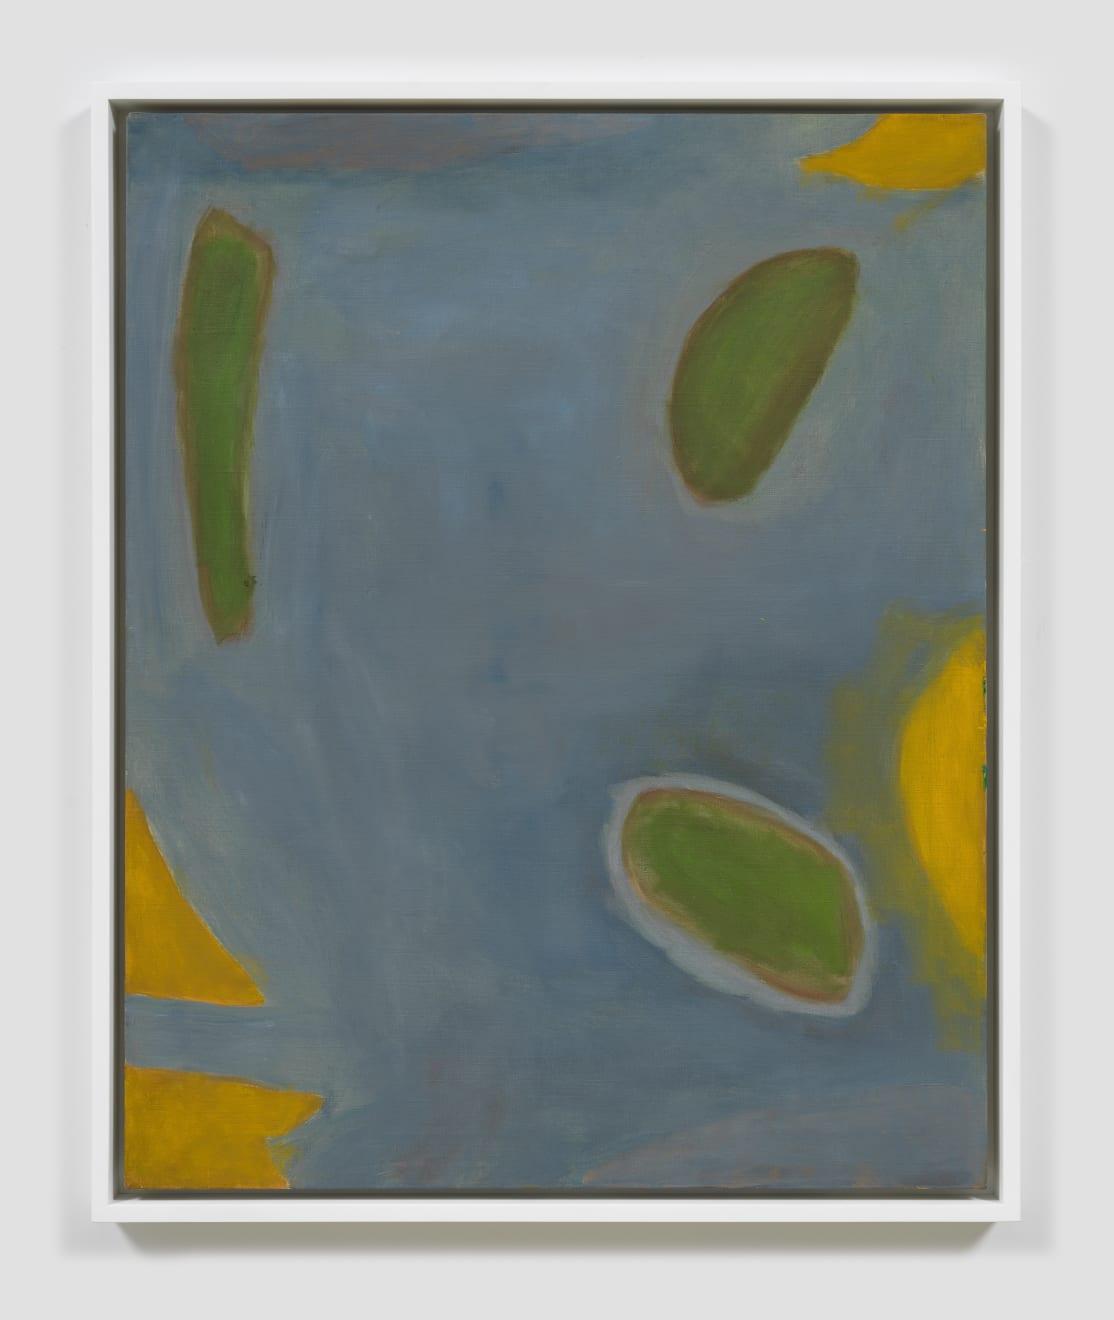 Betty Parsons Fog, c.1970 Acrylic on canvas 30h x 24.25w in (76.20h x 61.59w cm)